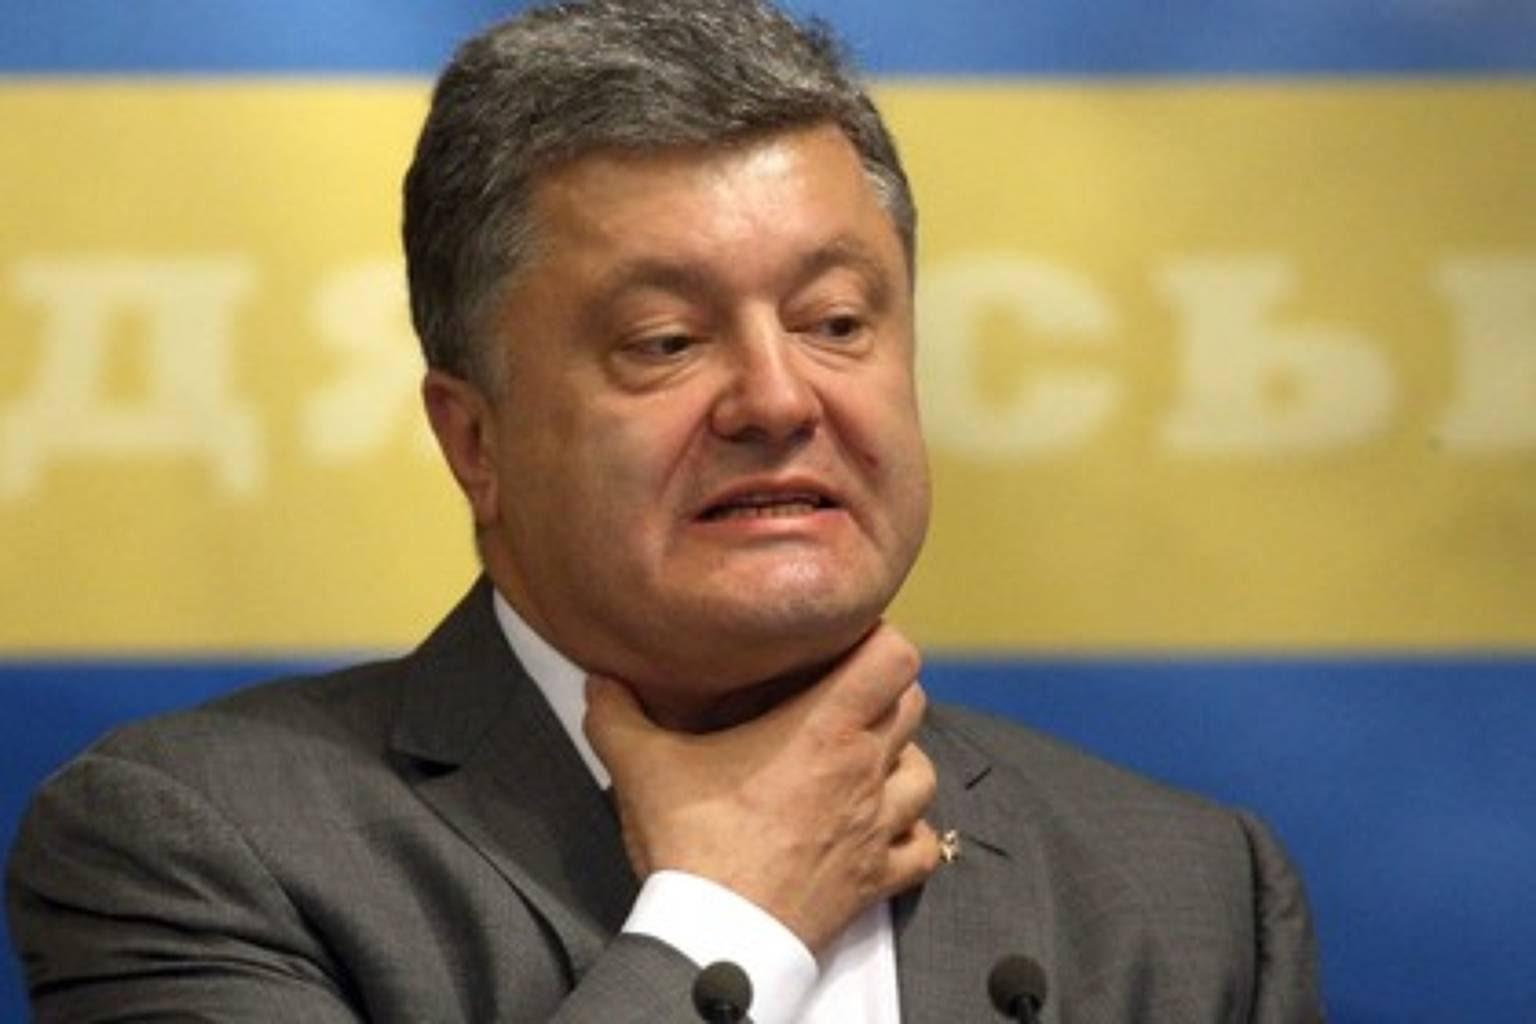 Вот так новость: Порошенко уволил скандального чиновника, подробности просто шокируют